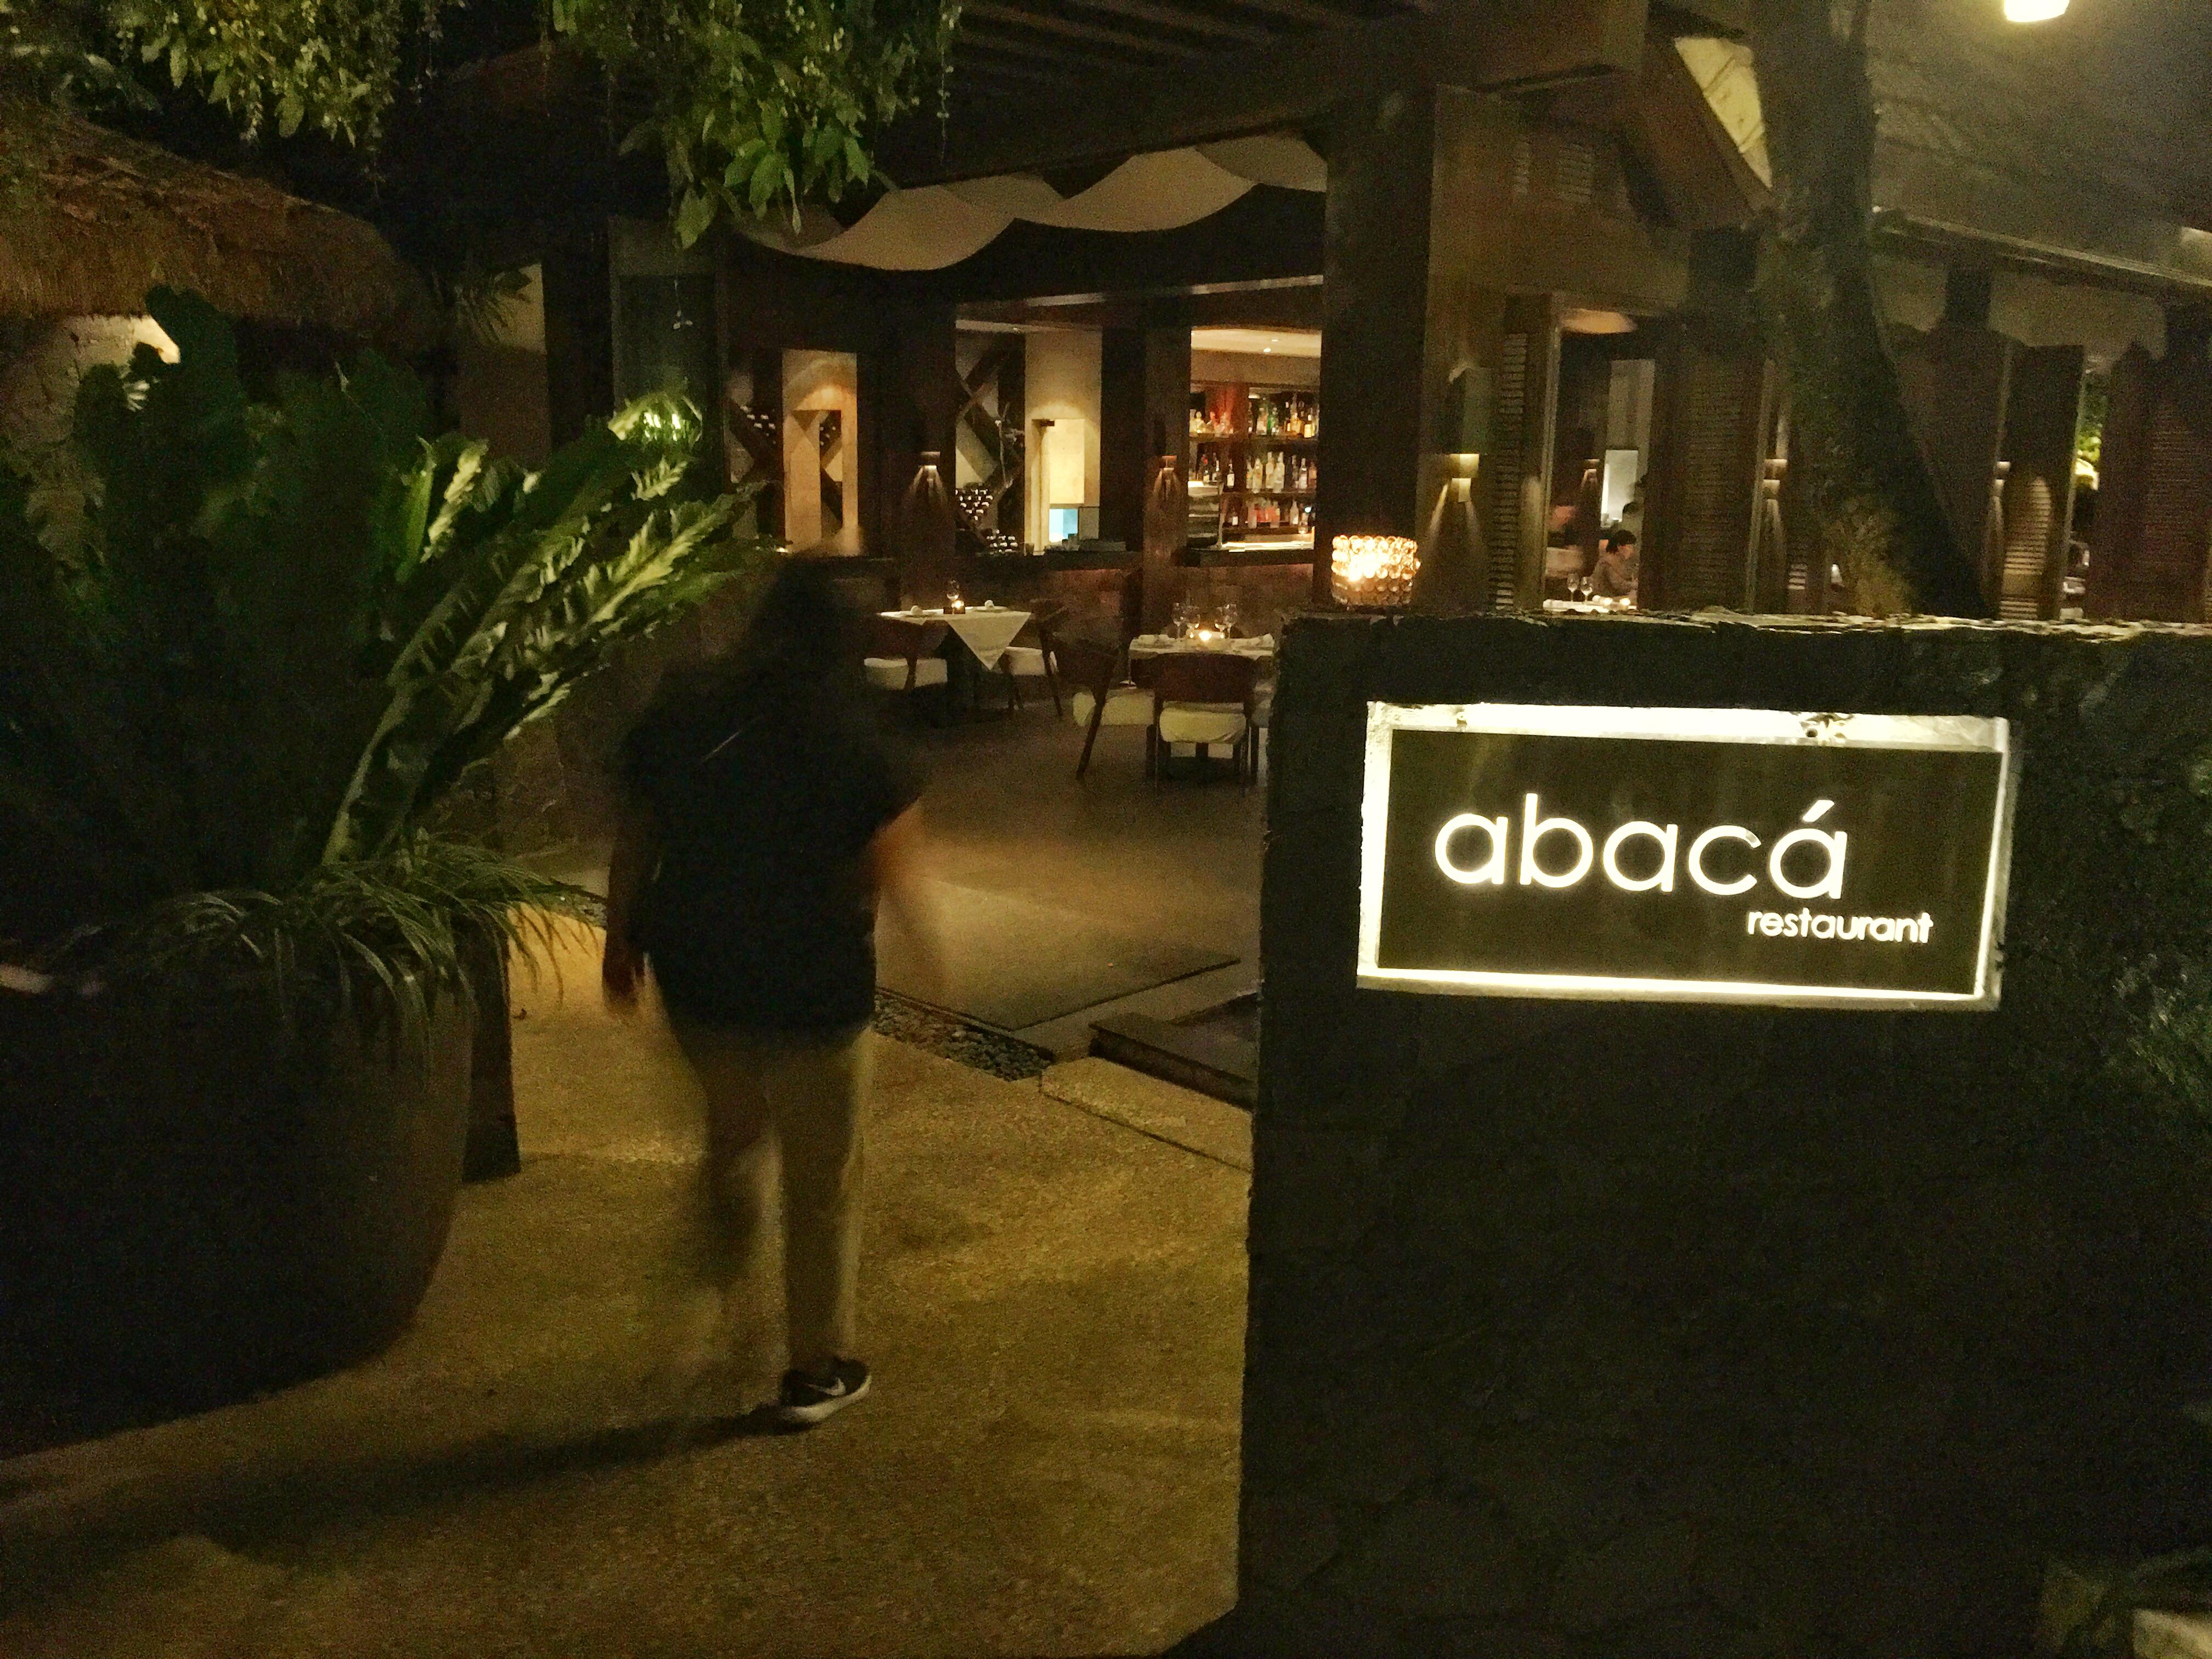 マクタン飯(3)~abacá Restaurant(アバカレストラン)~贅沢な食事と時間を過ごすならココ(デート、大切な日)